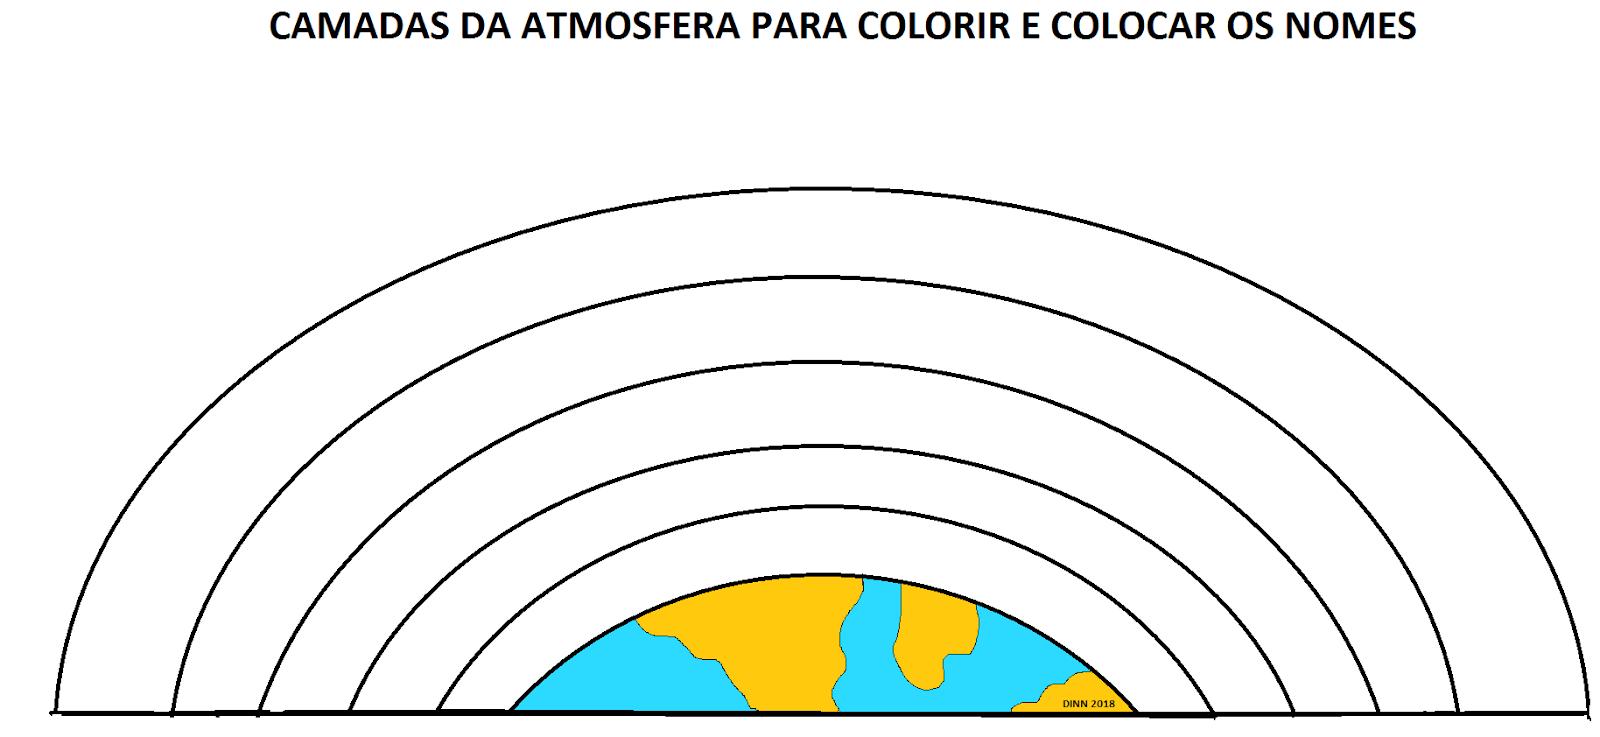 Geografia A Paisagem Nao E O Espaco Camadas Da Atmosfera Para